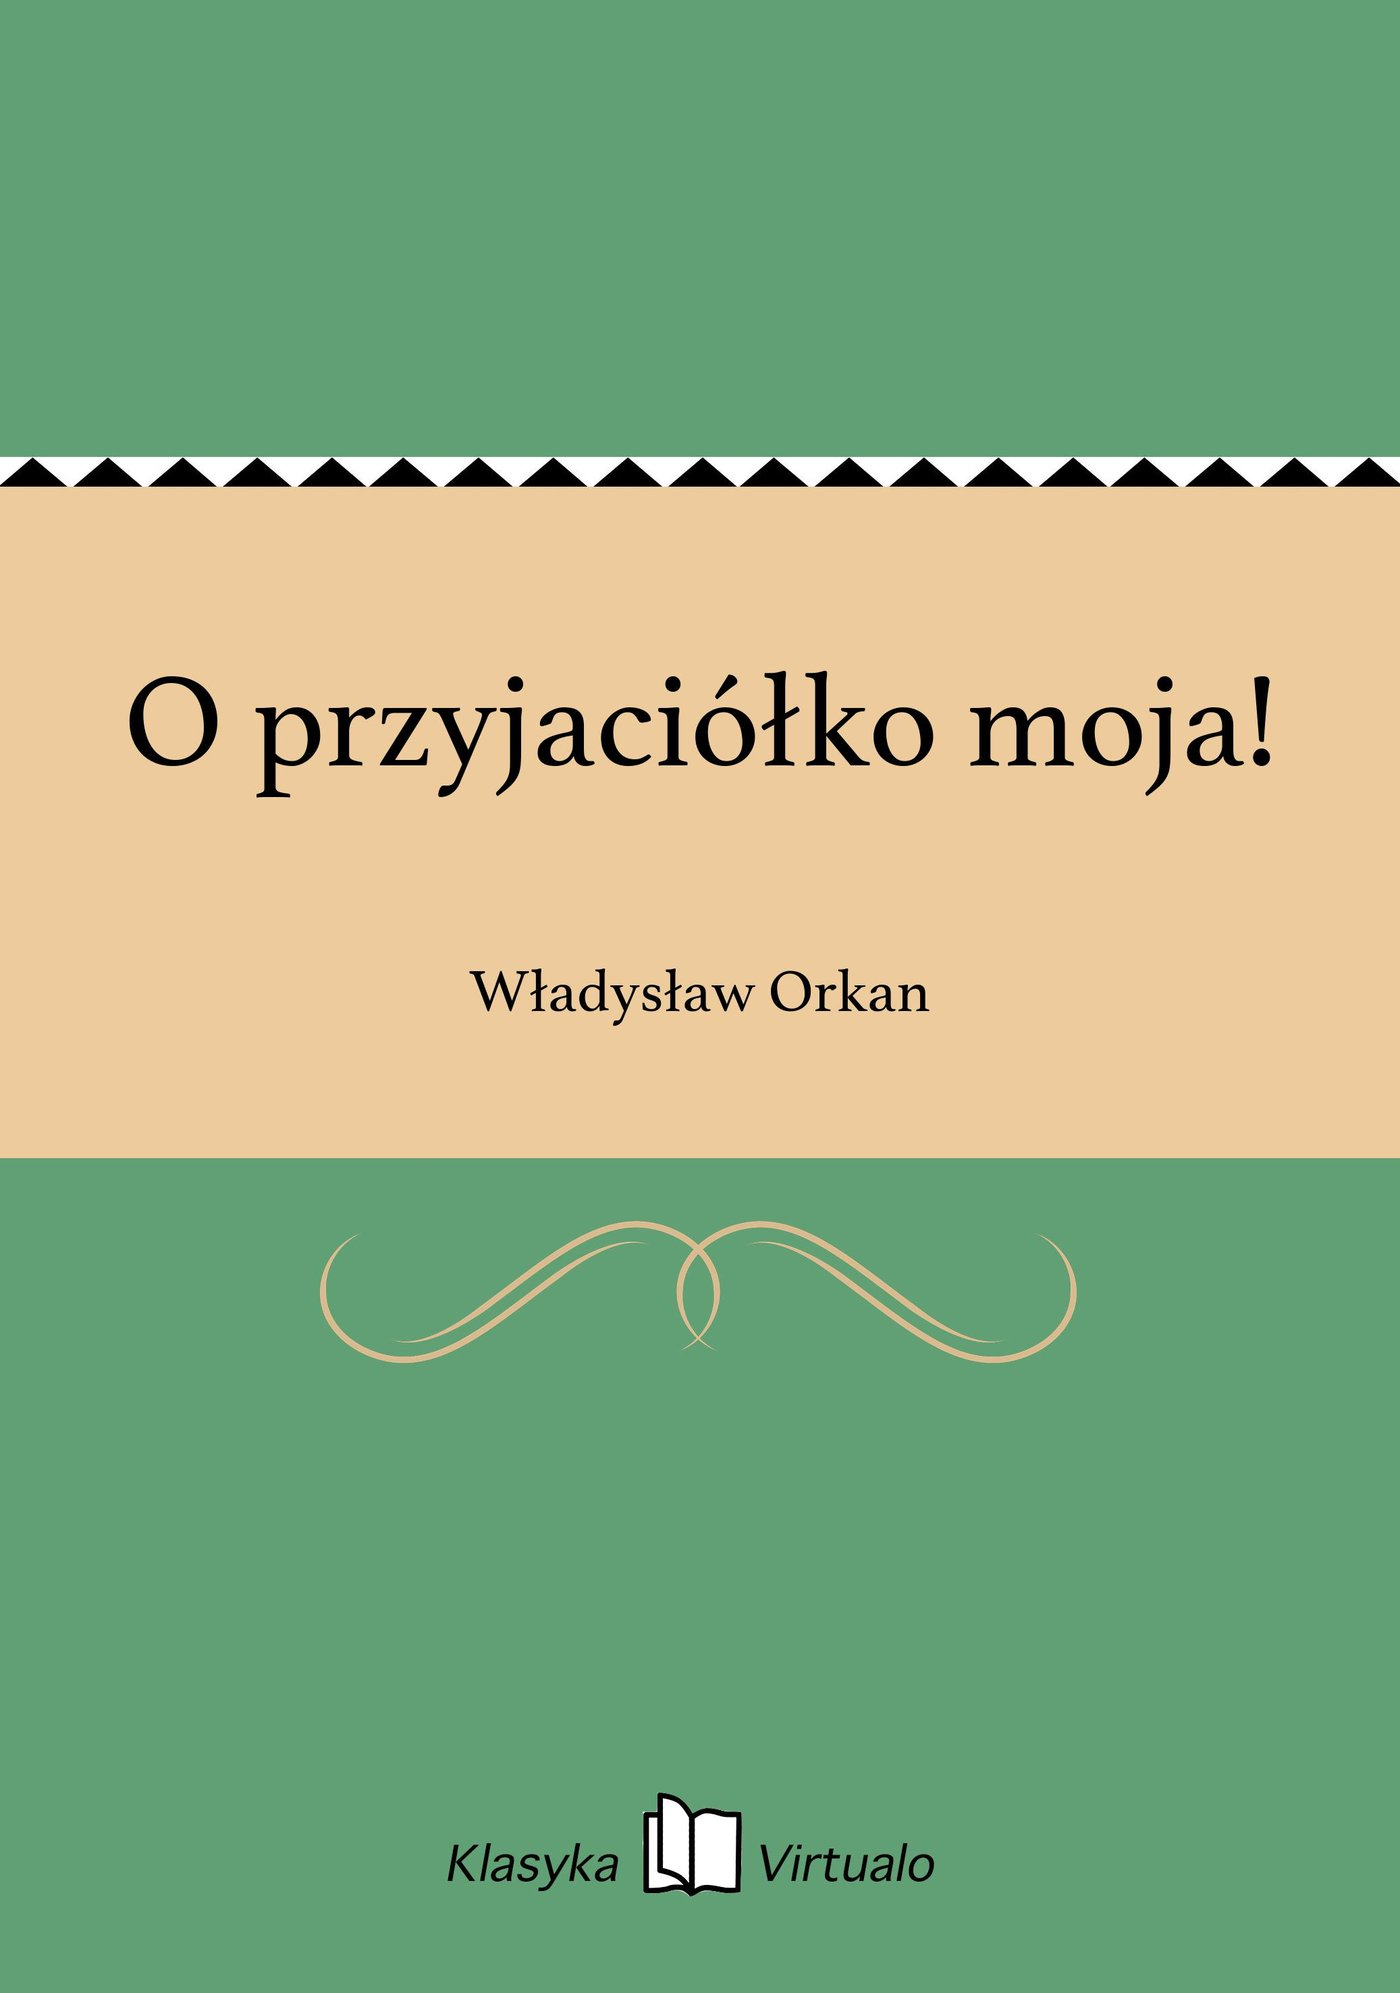 O przyjaciółko moja! - Ebook (Książka EPUB) do pobrania w formacie EPUB